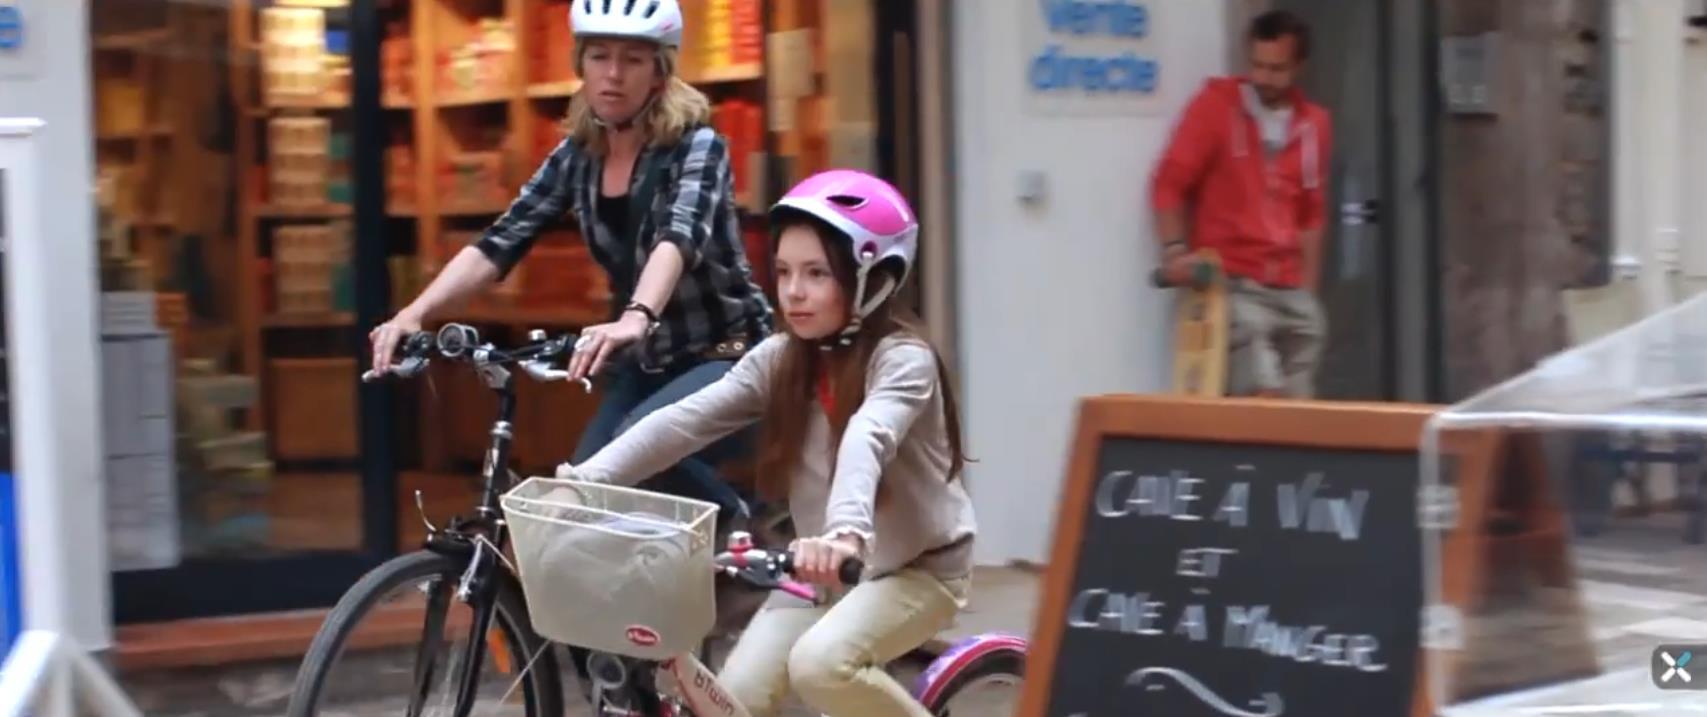 迪卡侬 BTWIN儿童自行车广告.mp4